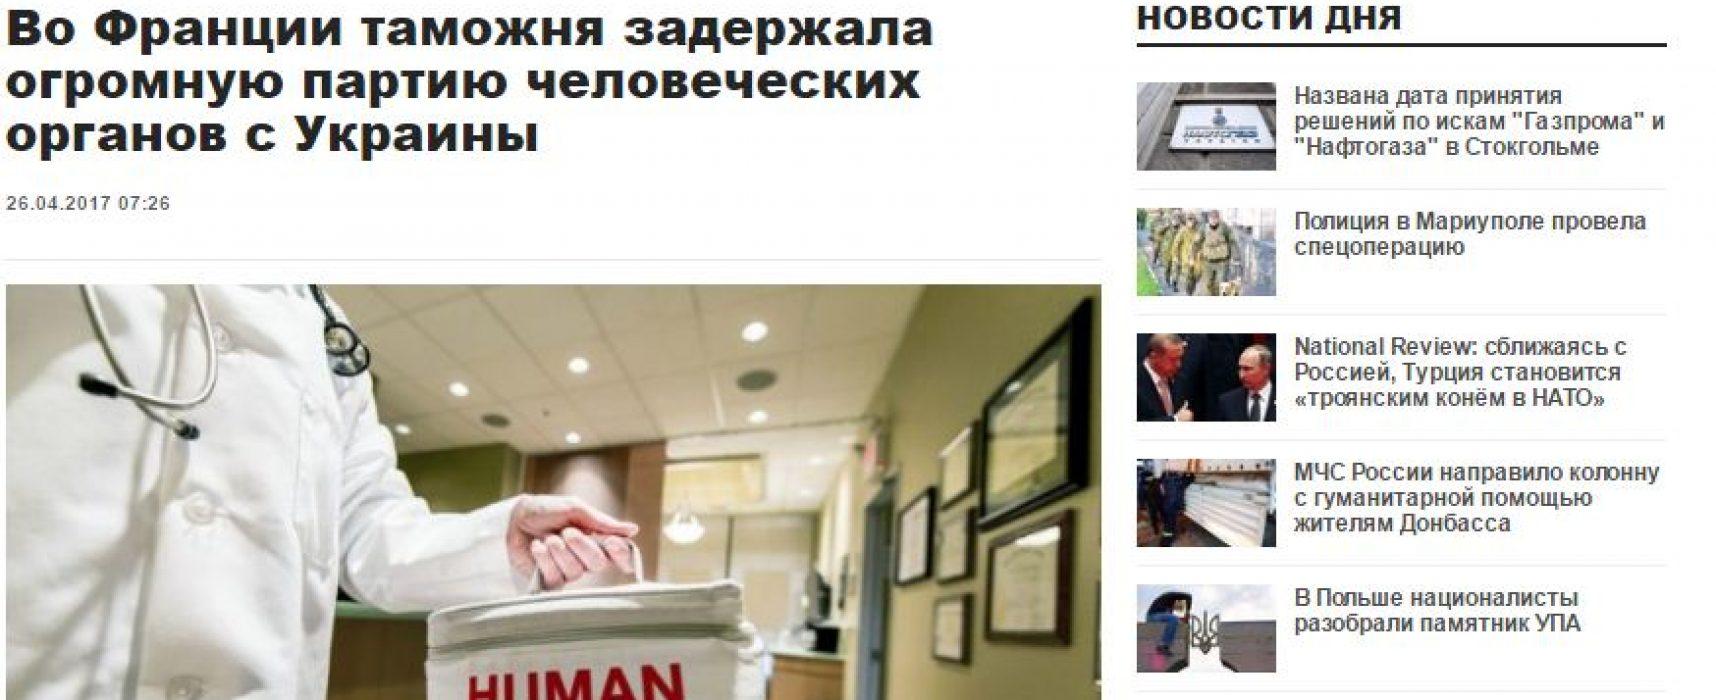 Fake: Francouzští celníci zadrželi náklad s lidskými orgány z Ukrajiny